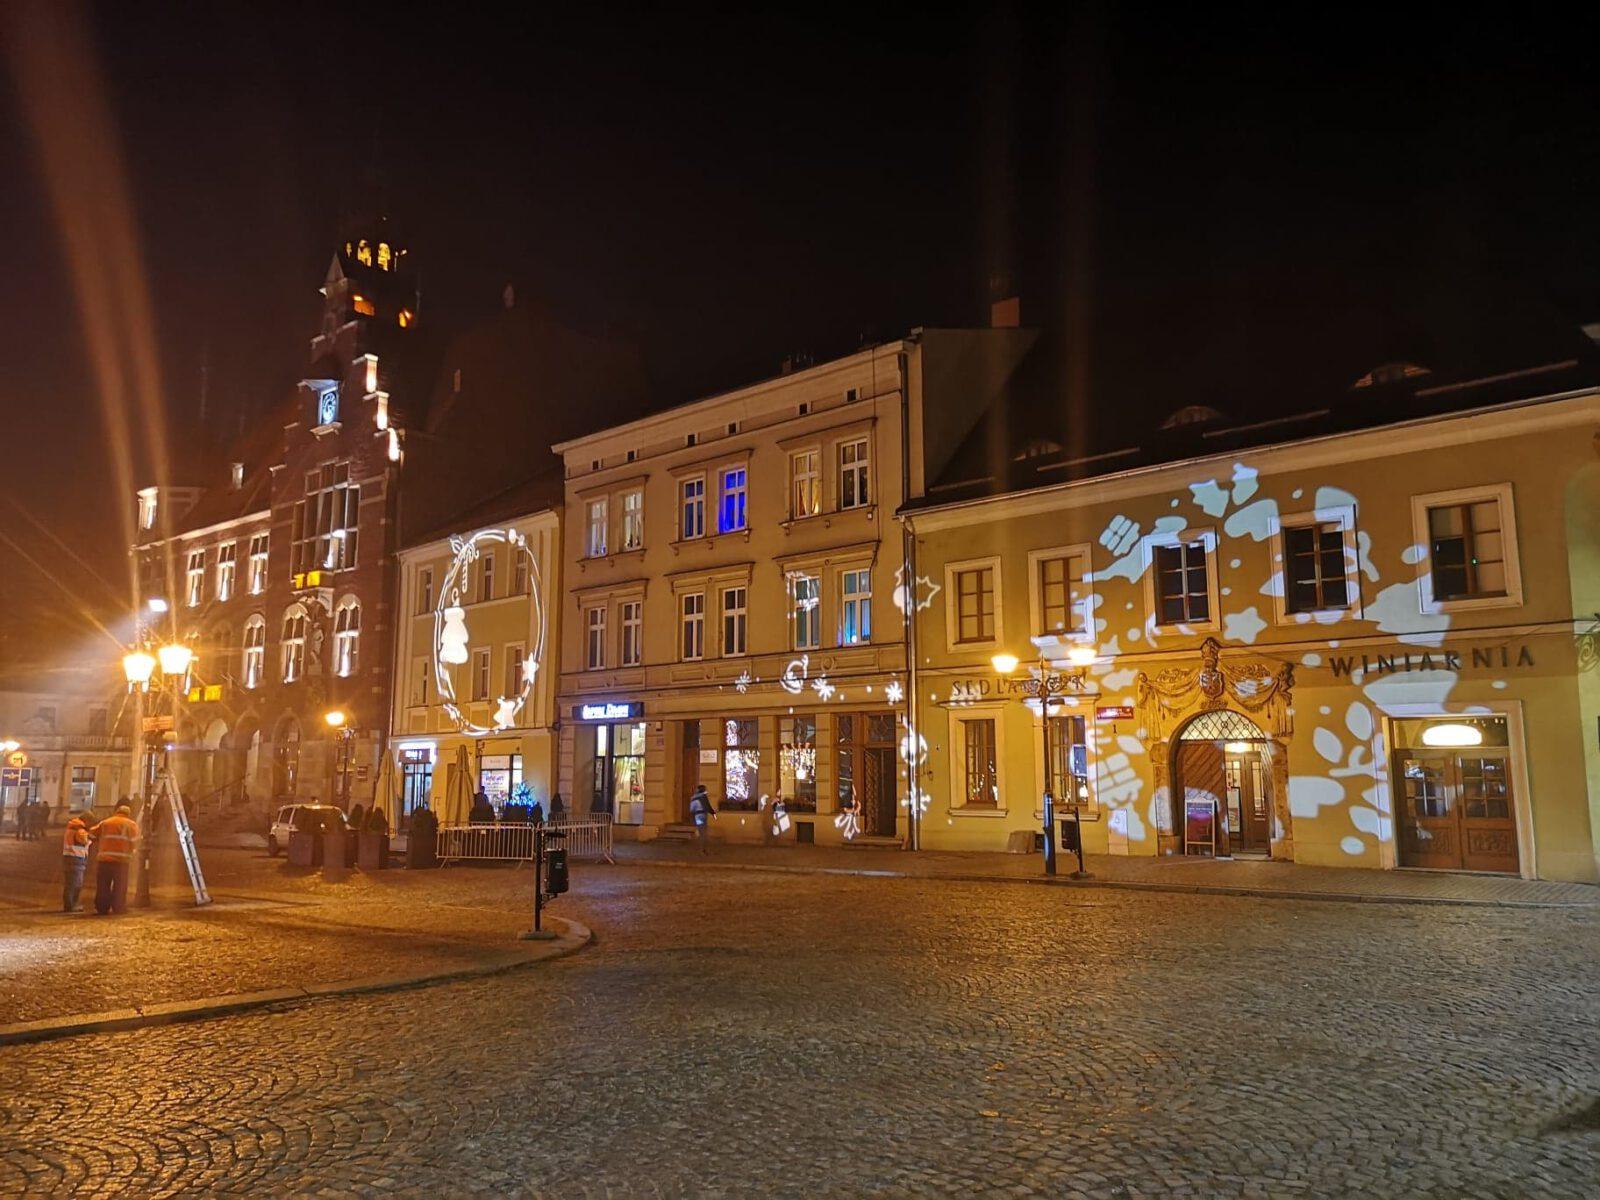 Świąteczna iluminacja na budynkach na Rynku w Tarnowskich Górach